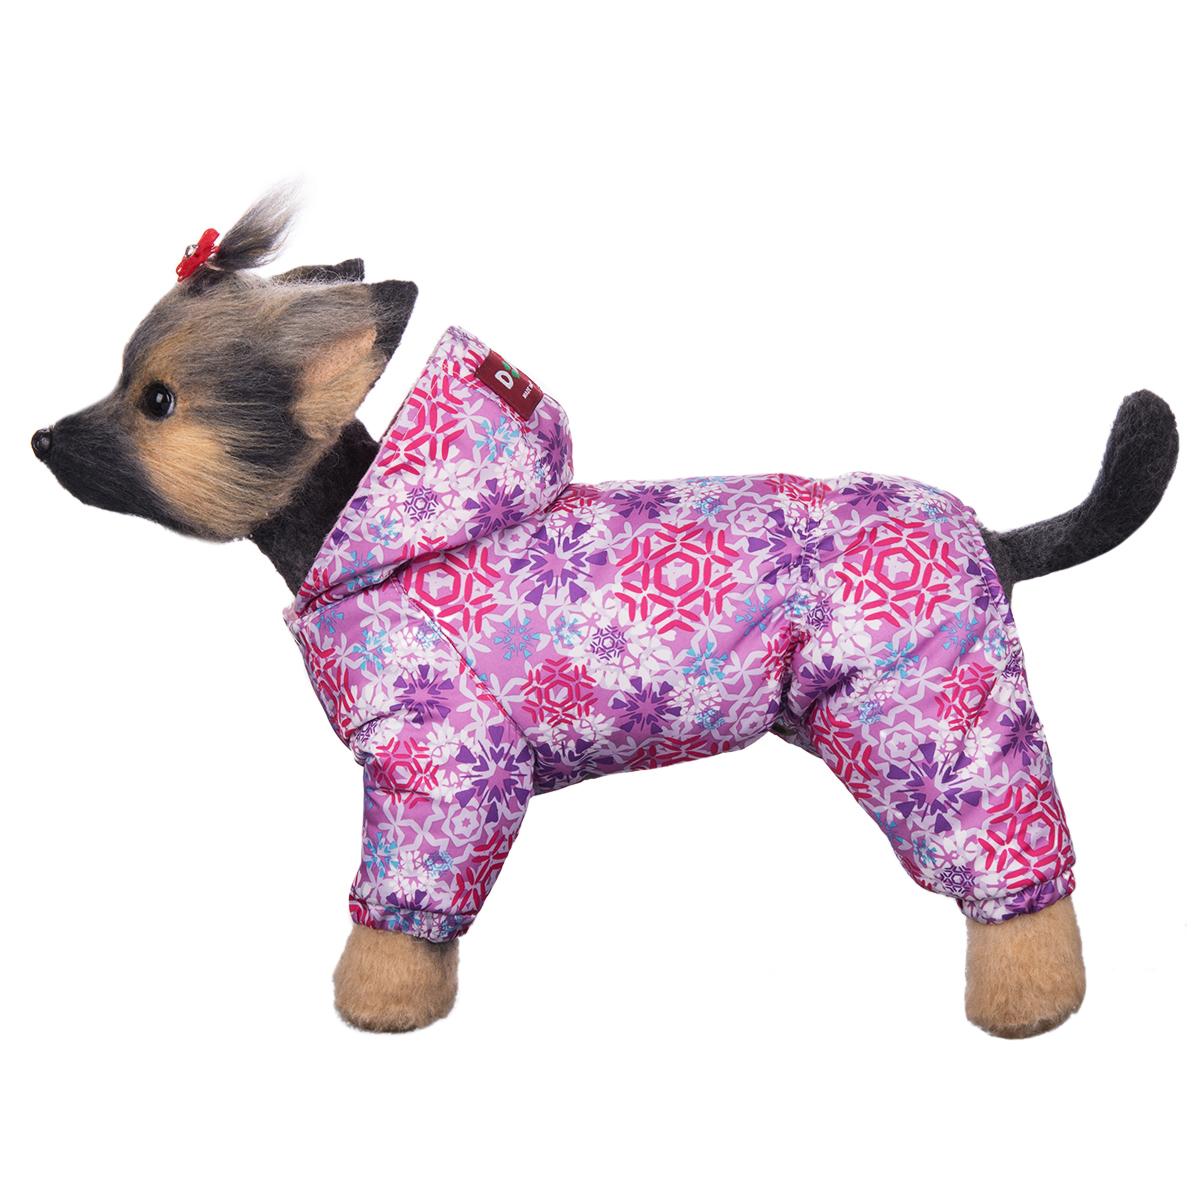 Комбинезон для собак Dogmoda Зима, зимний, для девочки, цвет: розовый, белый. Размер 3 (L)DM-160259-3Зимний комбинезон для собак Dogmoda Зима отлично подойдет для прогулок в зимнее время года. Комбинезон изготовлен из полиэстера, защищающего от ветра и снега, с утеплителем из синтепона, который сохранит тепло даже в сильные морозы, а на подкладке используется искусственный мех, который обеспечивает отличный воздухообмен. Комбинезон с капюшоном застегивается на кнопки, благодаря чему его легко надевать и снимать. Капюшон не отстегивается. Низ рукавов и брючин оснащен внутренними резинками, которые мягко обхватывают лапки, не позволяя просачиваться холодному воздуху. Благодаря такому комбинезону простуда не грозит вашему питомцу.